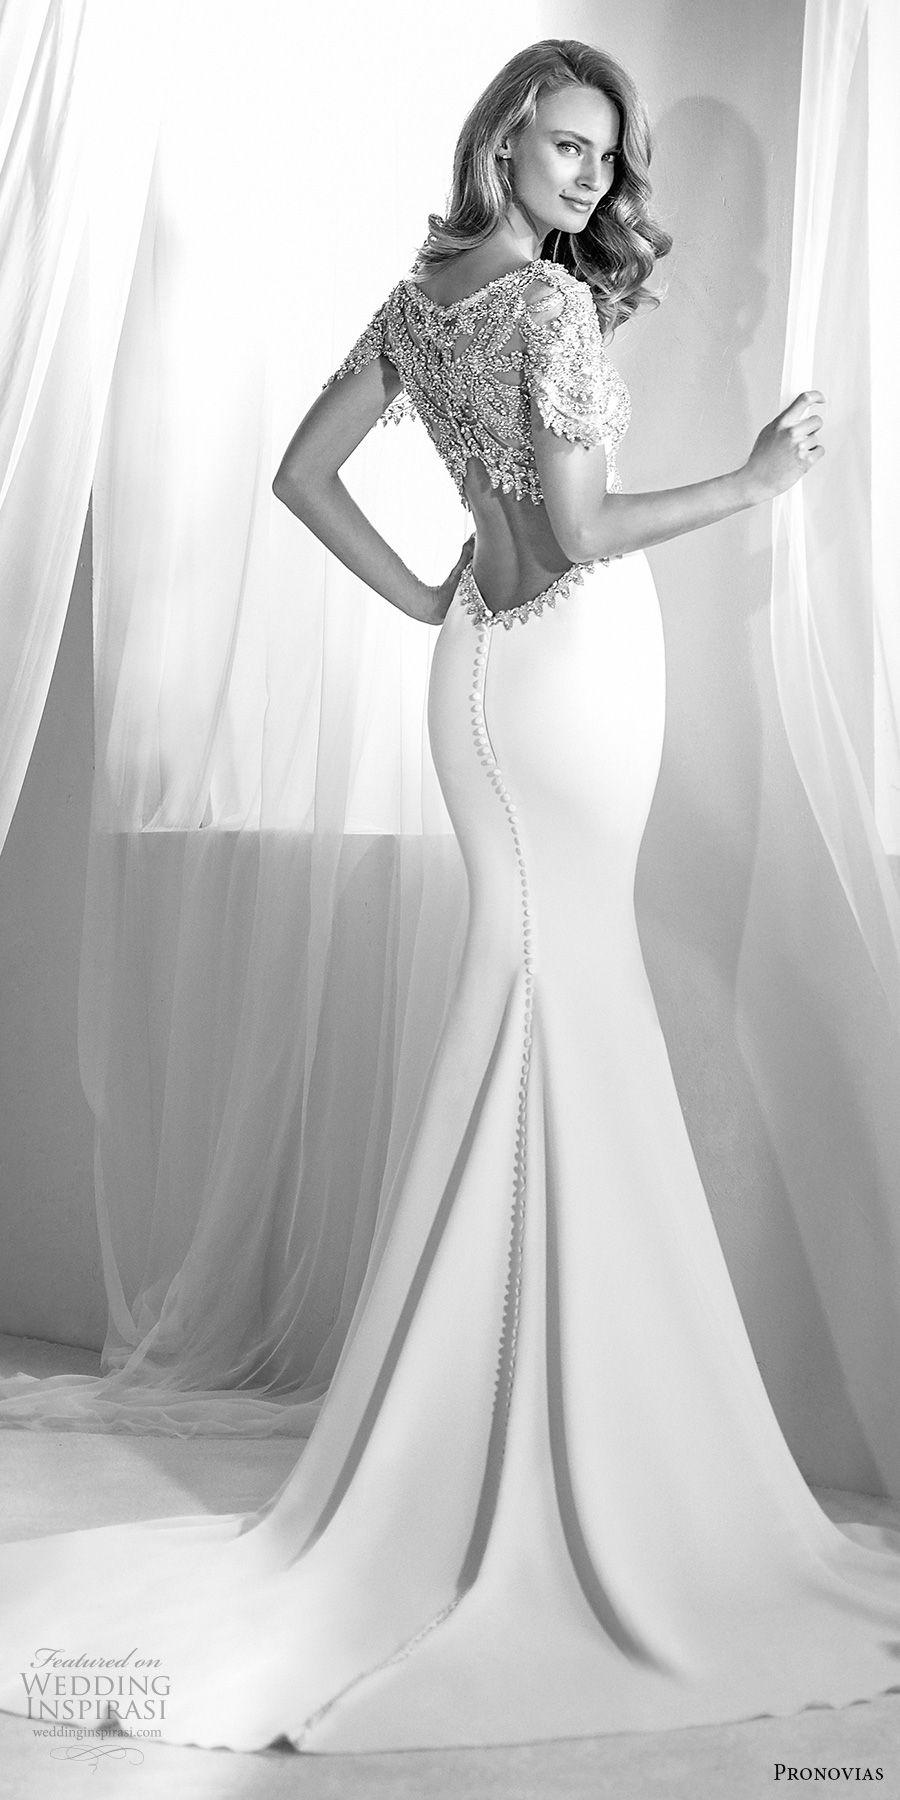 atelier pronovias 2018 bridal short sleeves jewel neck heavily embellished bodice glamorous elegant fit and flare wedding dress embellished back medium train (2) bv